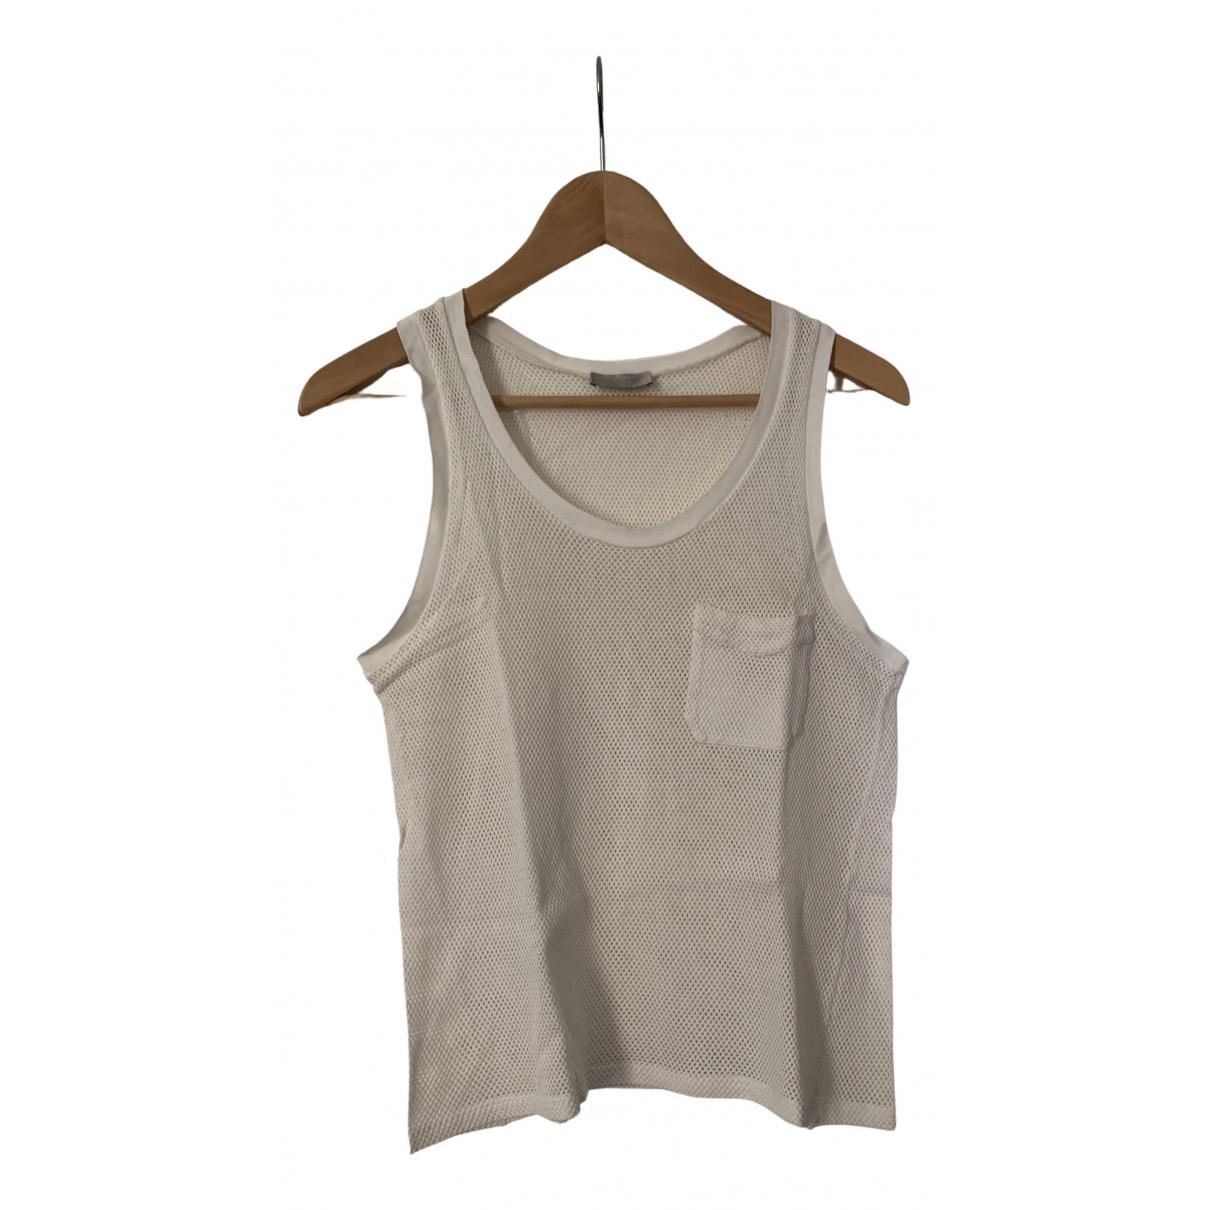 Dior Homme - Tee shirts   pour homme en coton - blanc